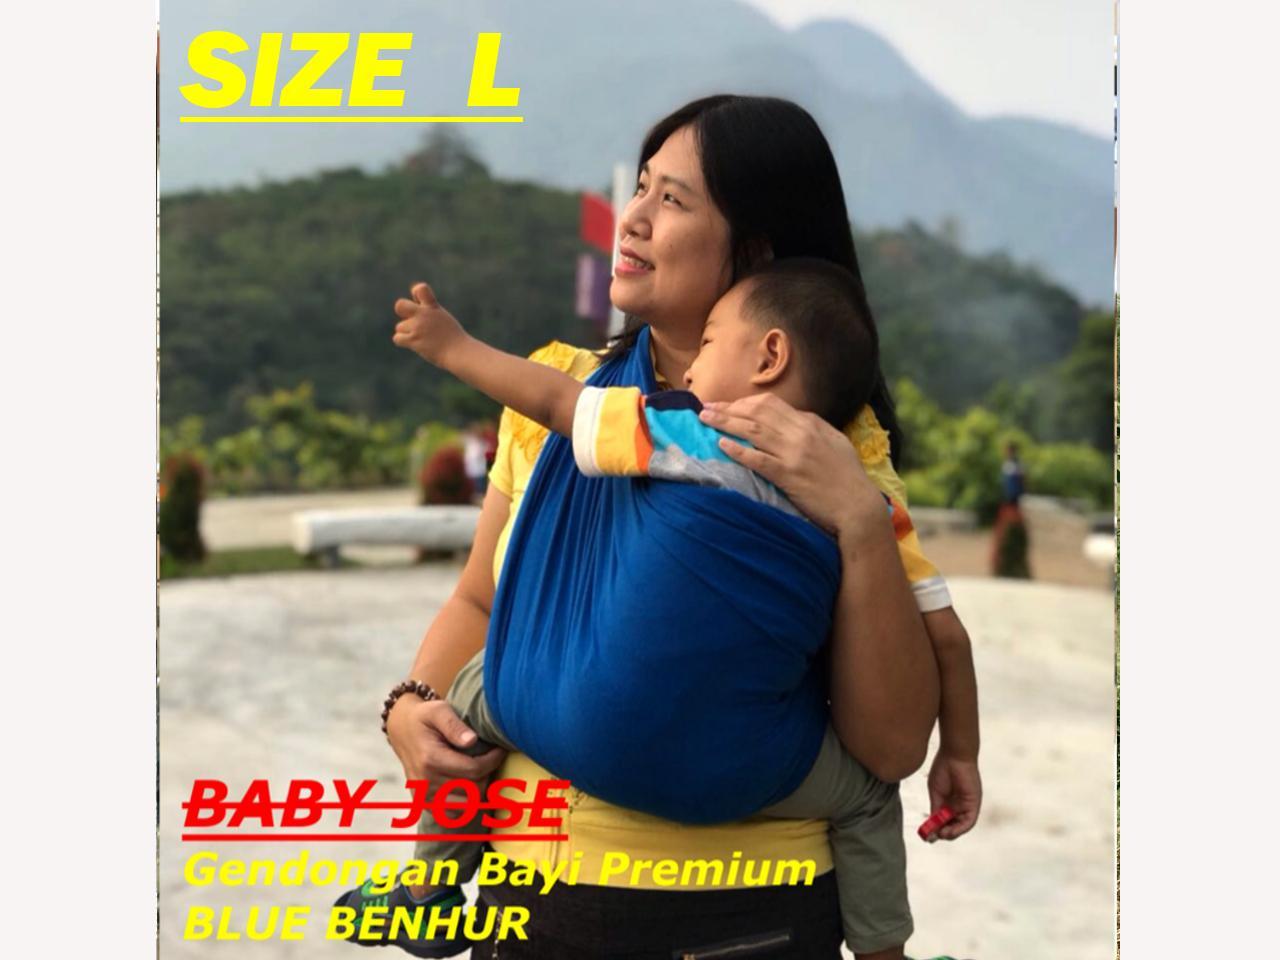 Baby Leon Gendongan Bayi Kaos Geos Selendang Praktis By 44 Gb Moms Mbg2011 Hipseat Lullaby Series Salur Putih Hitam Source Padie Premium